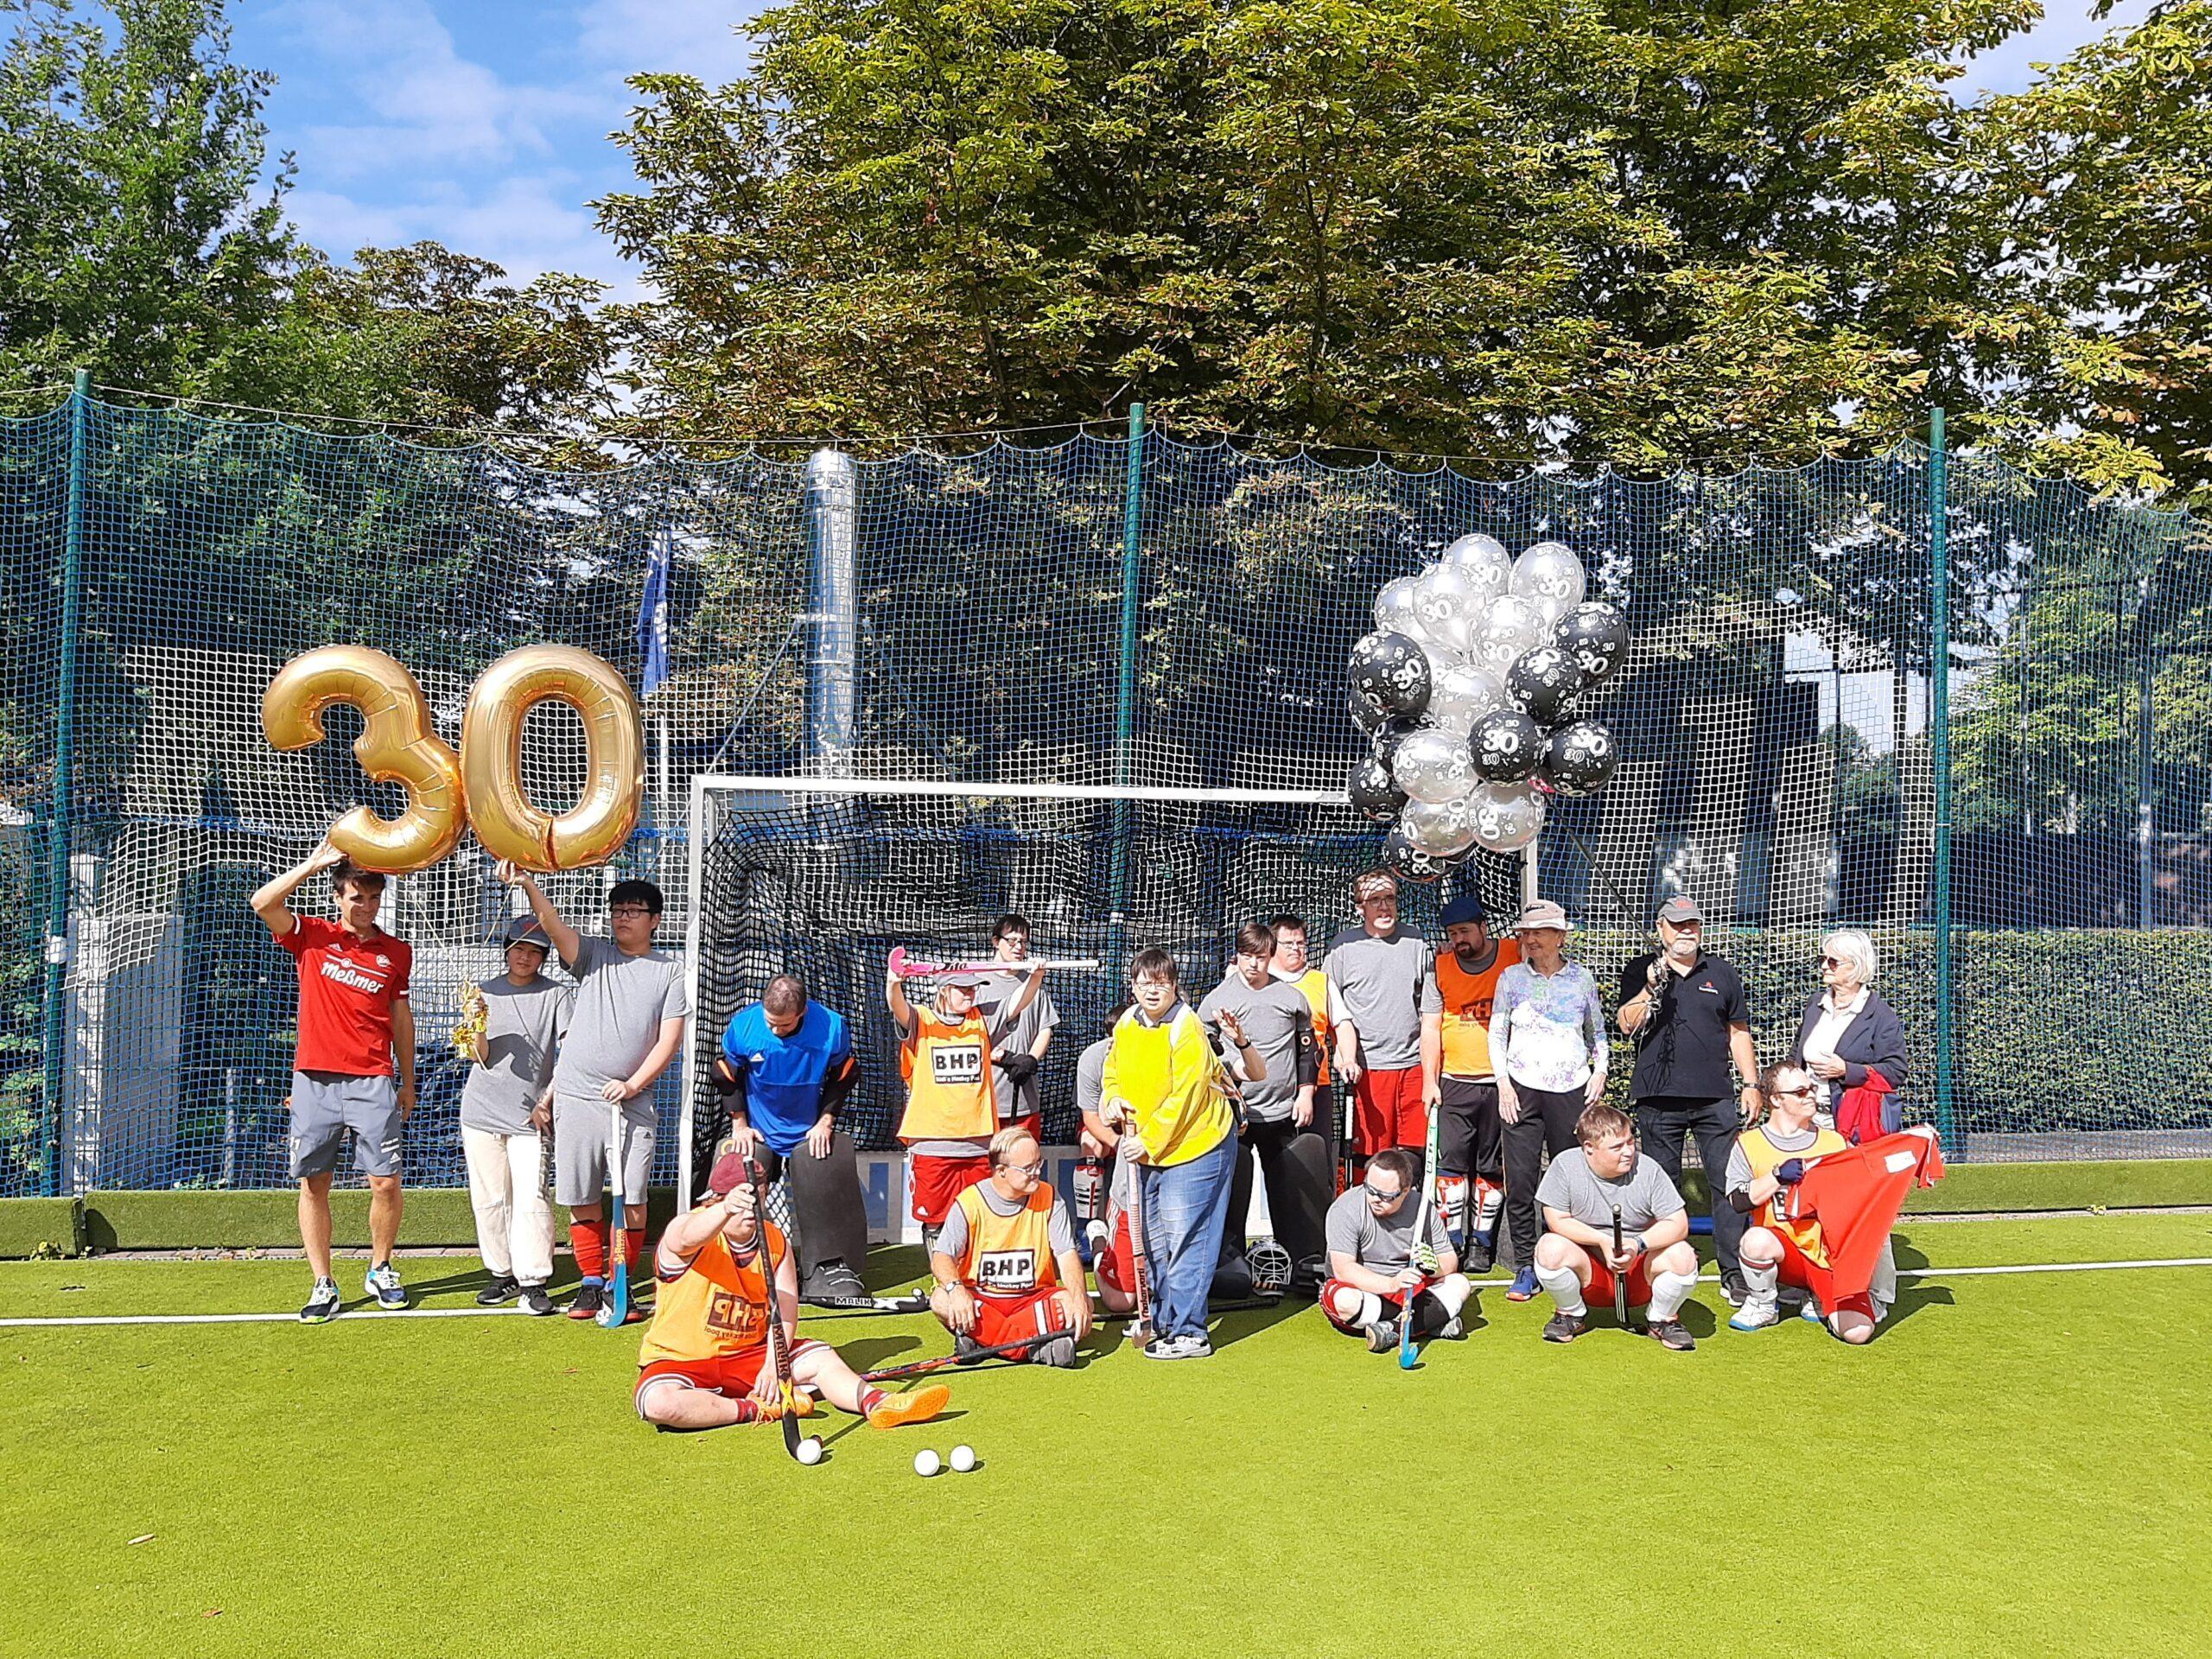 Gruppenfoto der Hockeymannschaft, 30 aus Luftballons und ein Strauß Luftballons